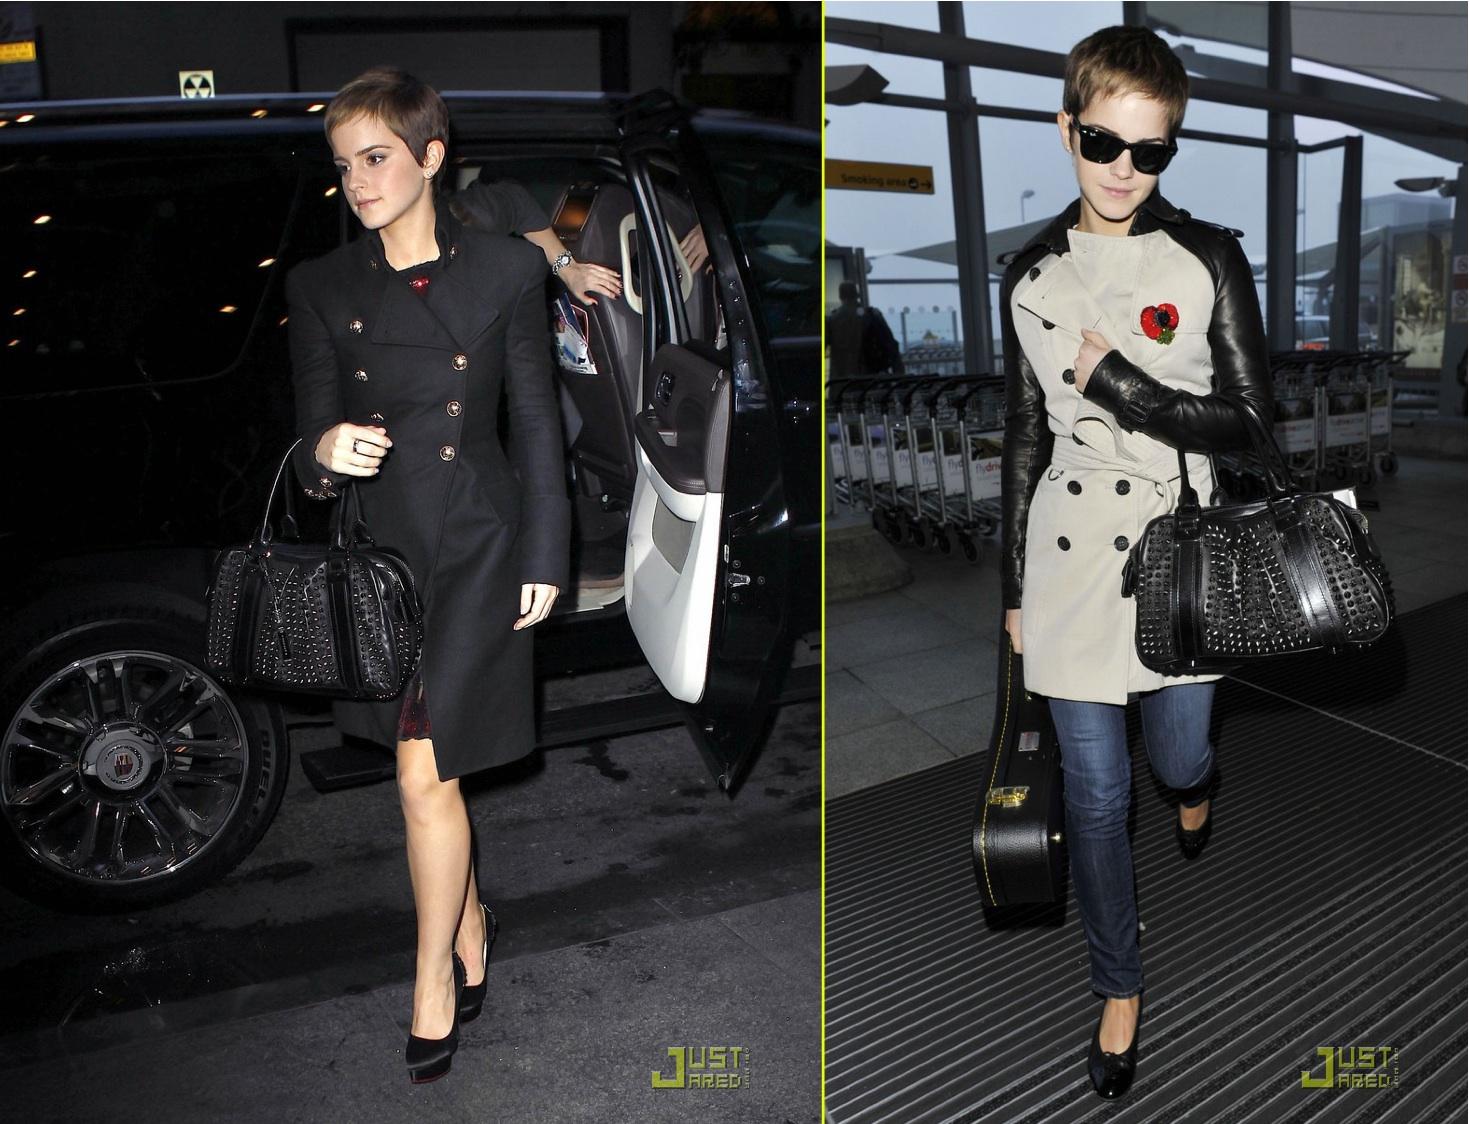 http://4.bp.blogspot.com/_PfmV3qvy8FY/TUHGPguLXmI/AAAAAAAABRk/KjPjAXaTP0Q/s1600/la+modella+mafia+Emma+Watson+in+a+Burberry+coat+via+justjared+1.jpg